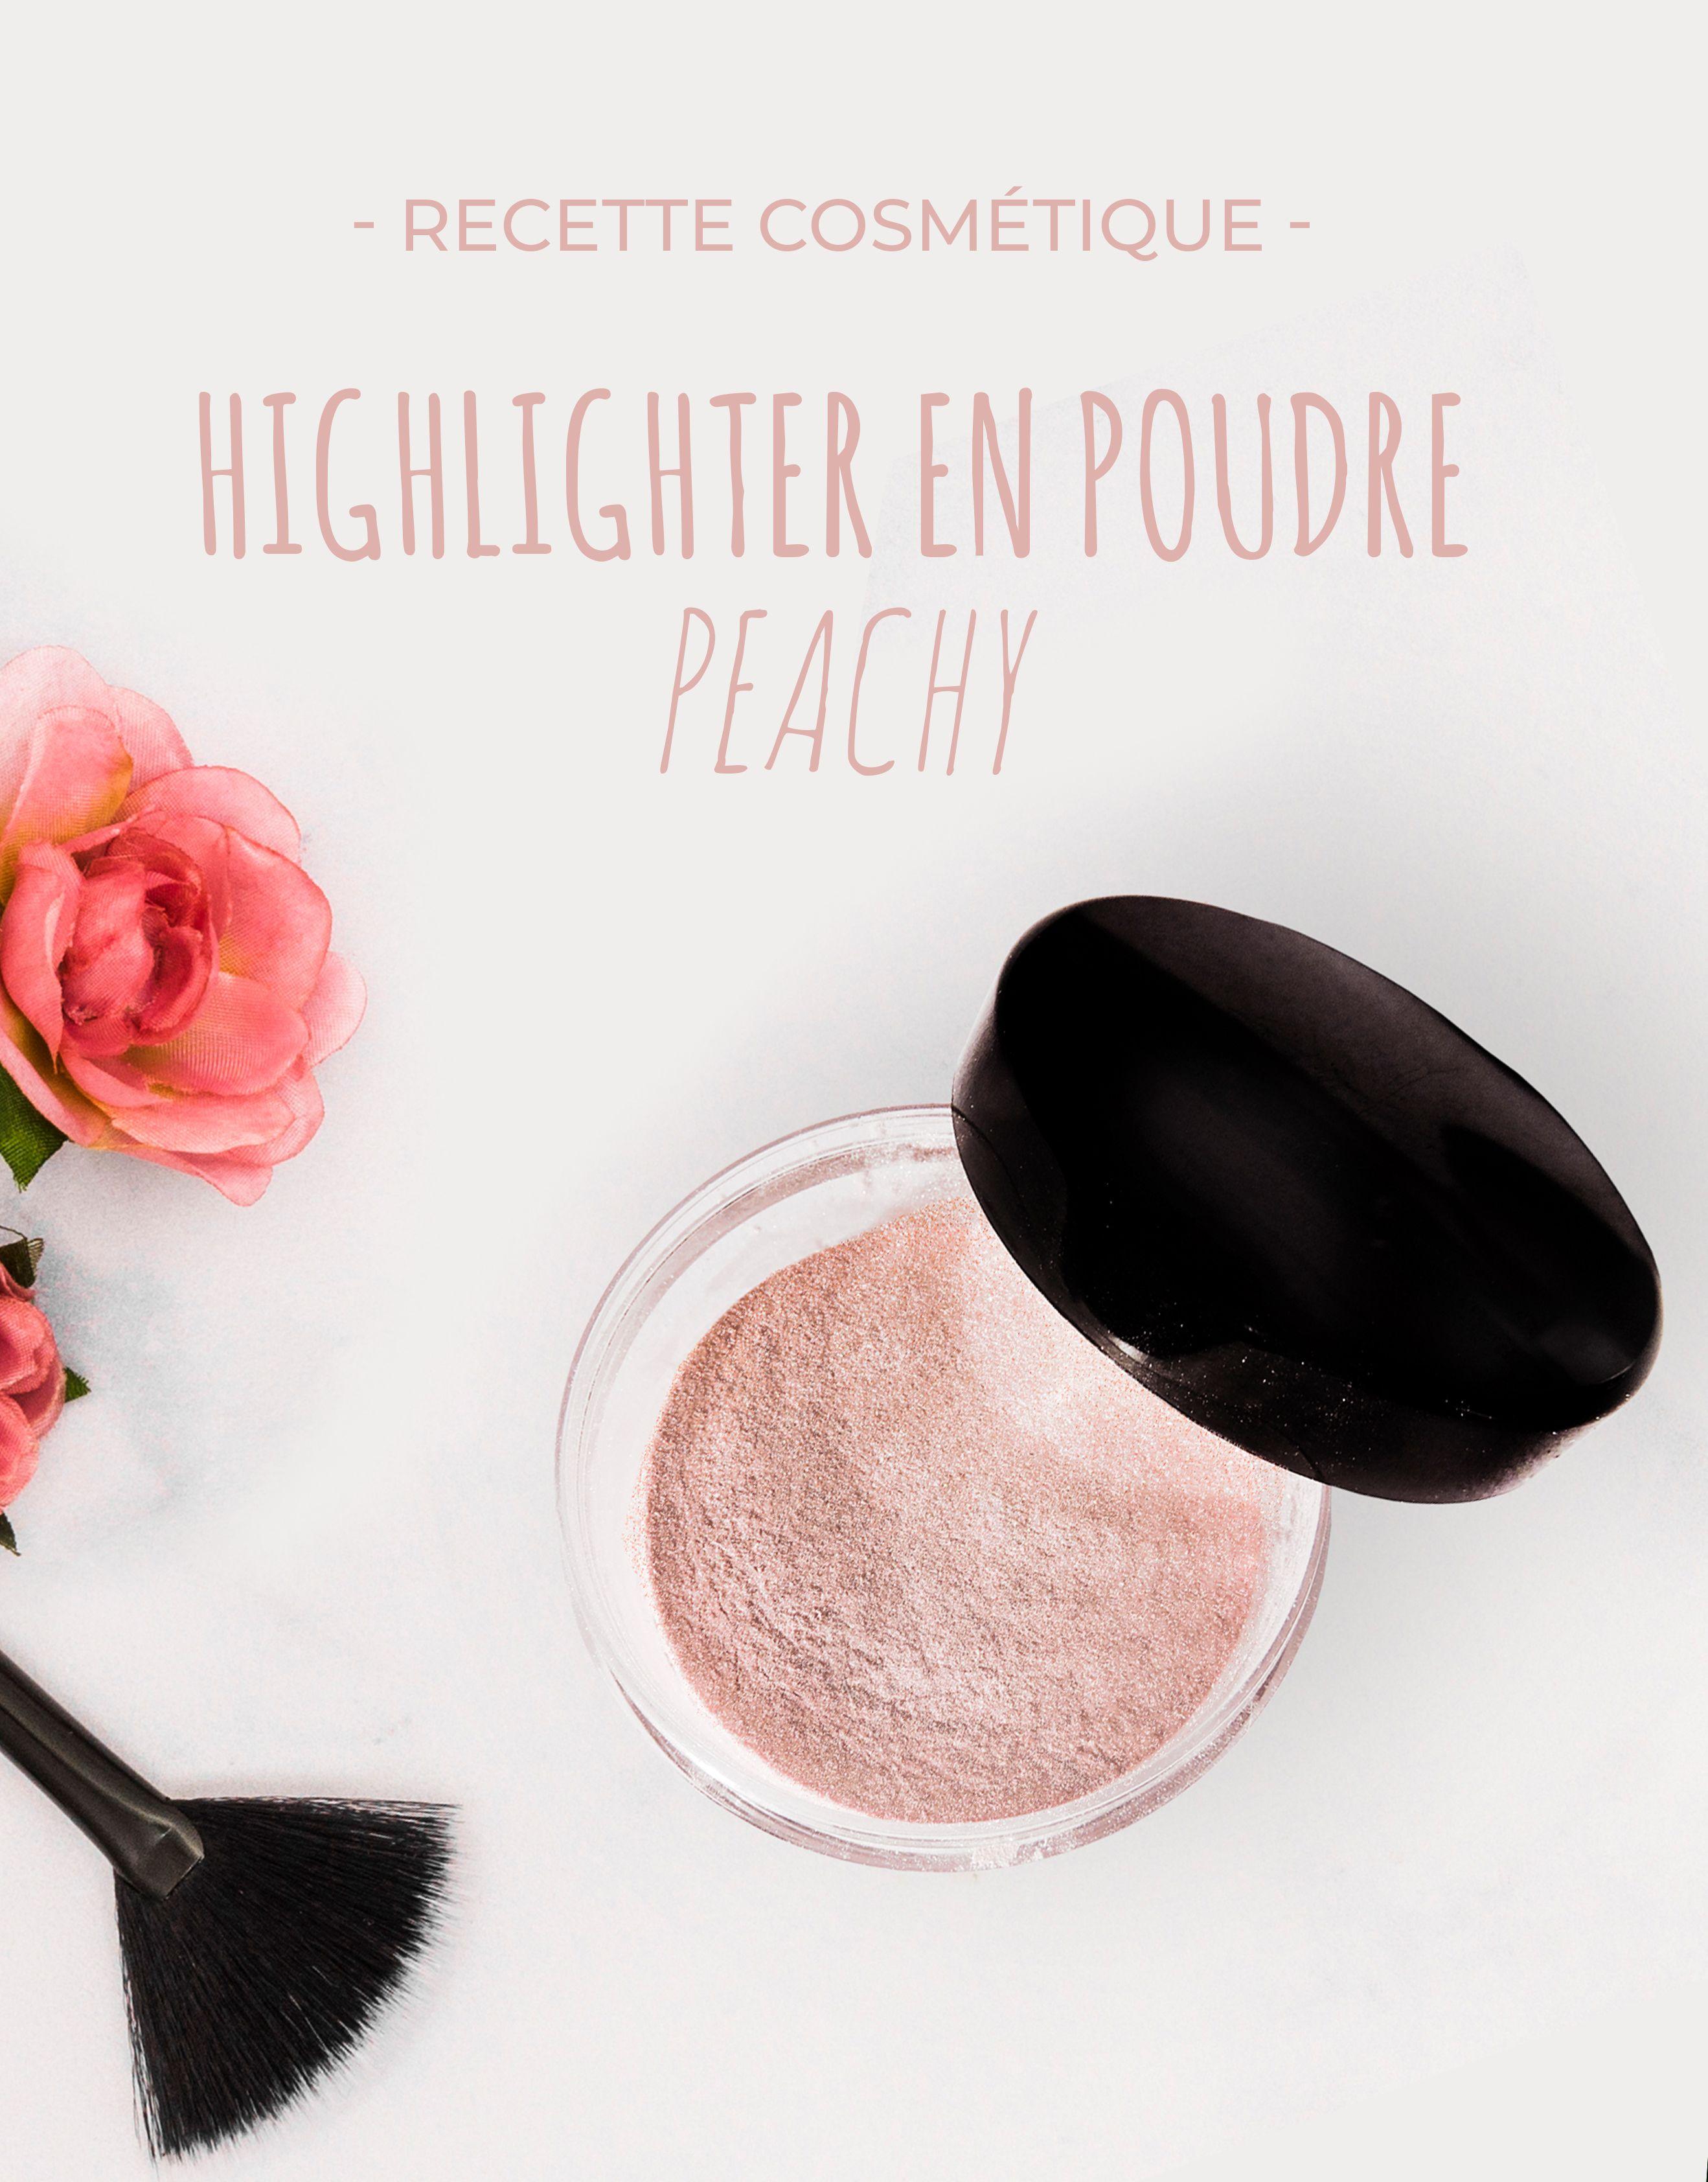 Recette Highlighter En Poudre Peachy Maquillage Fait Maison Cosmetiques Faits Maison Maquillage Lumineux